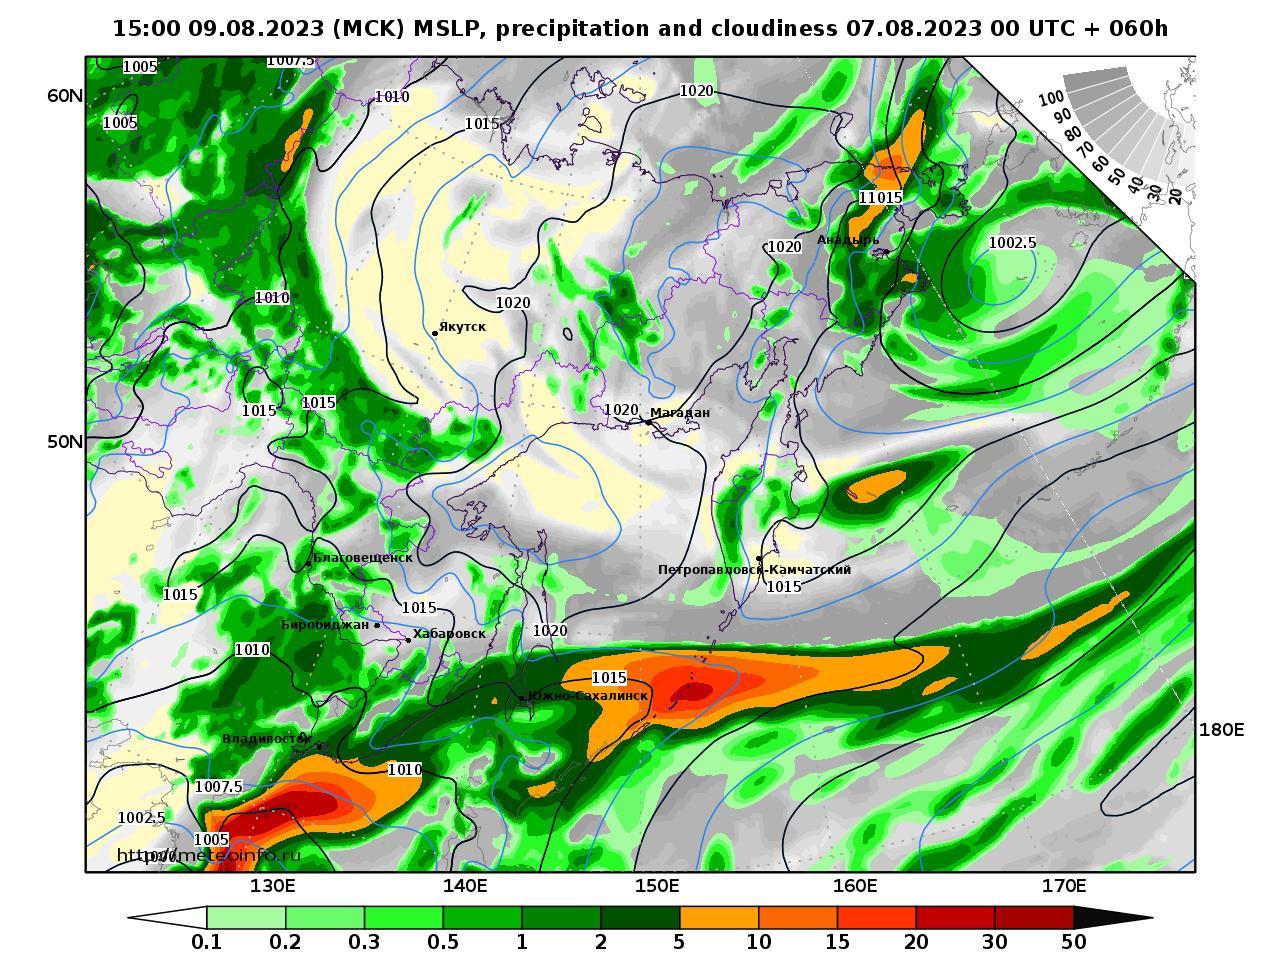 Дальний Восток, прогностическая карта осадки и давление, заблаговременность прогноза 60 часов